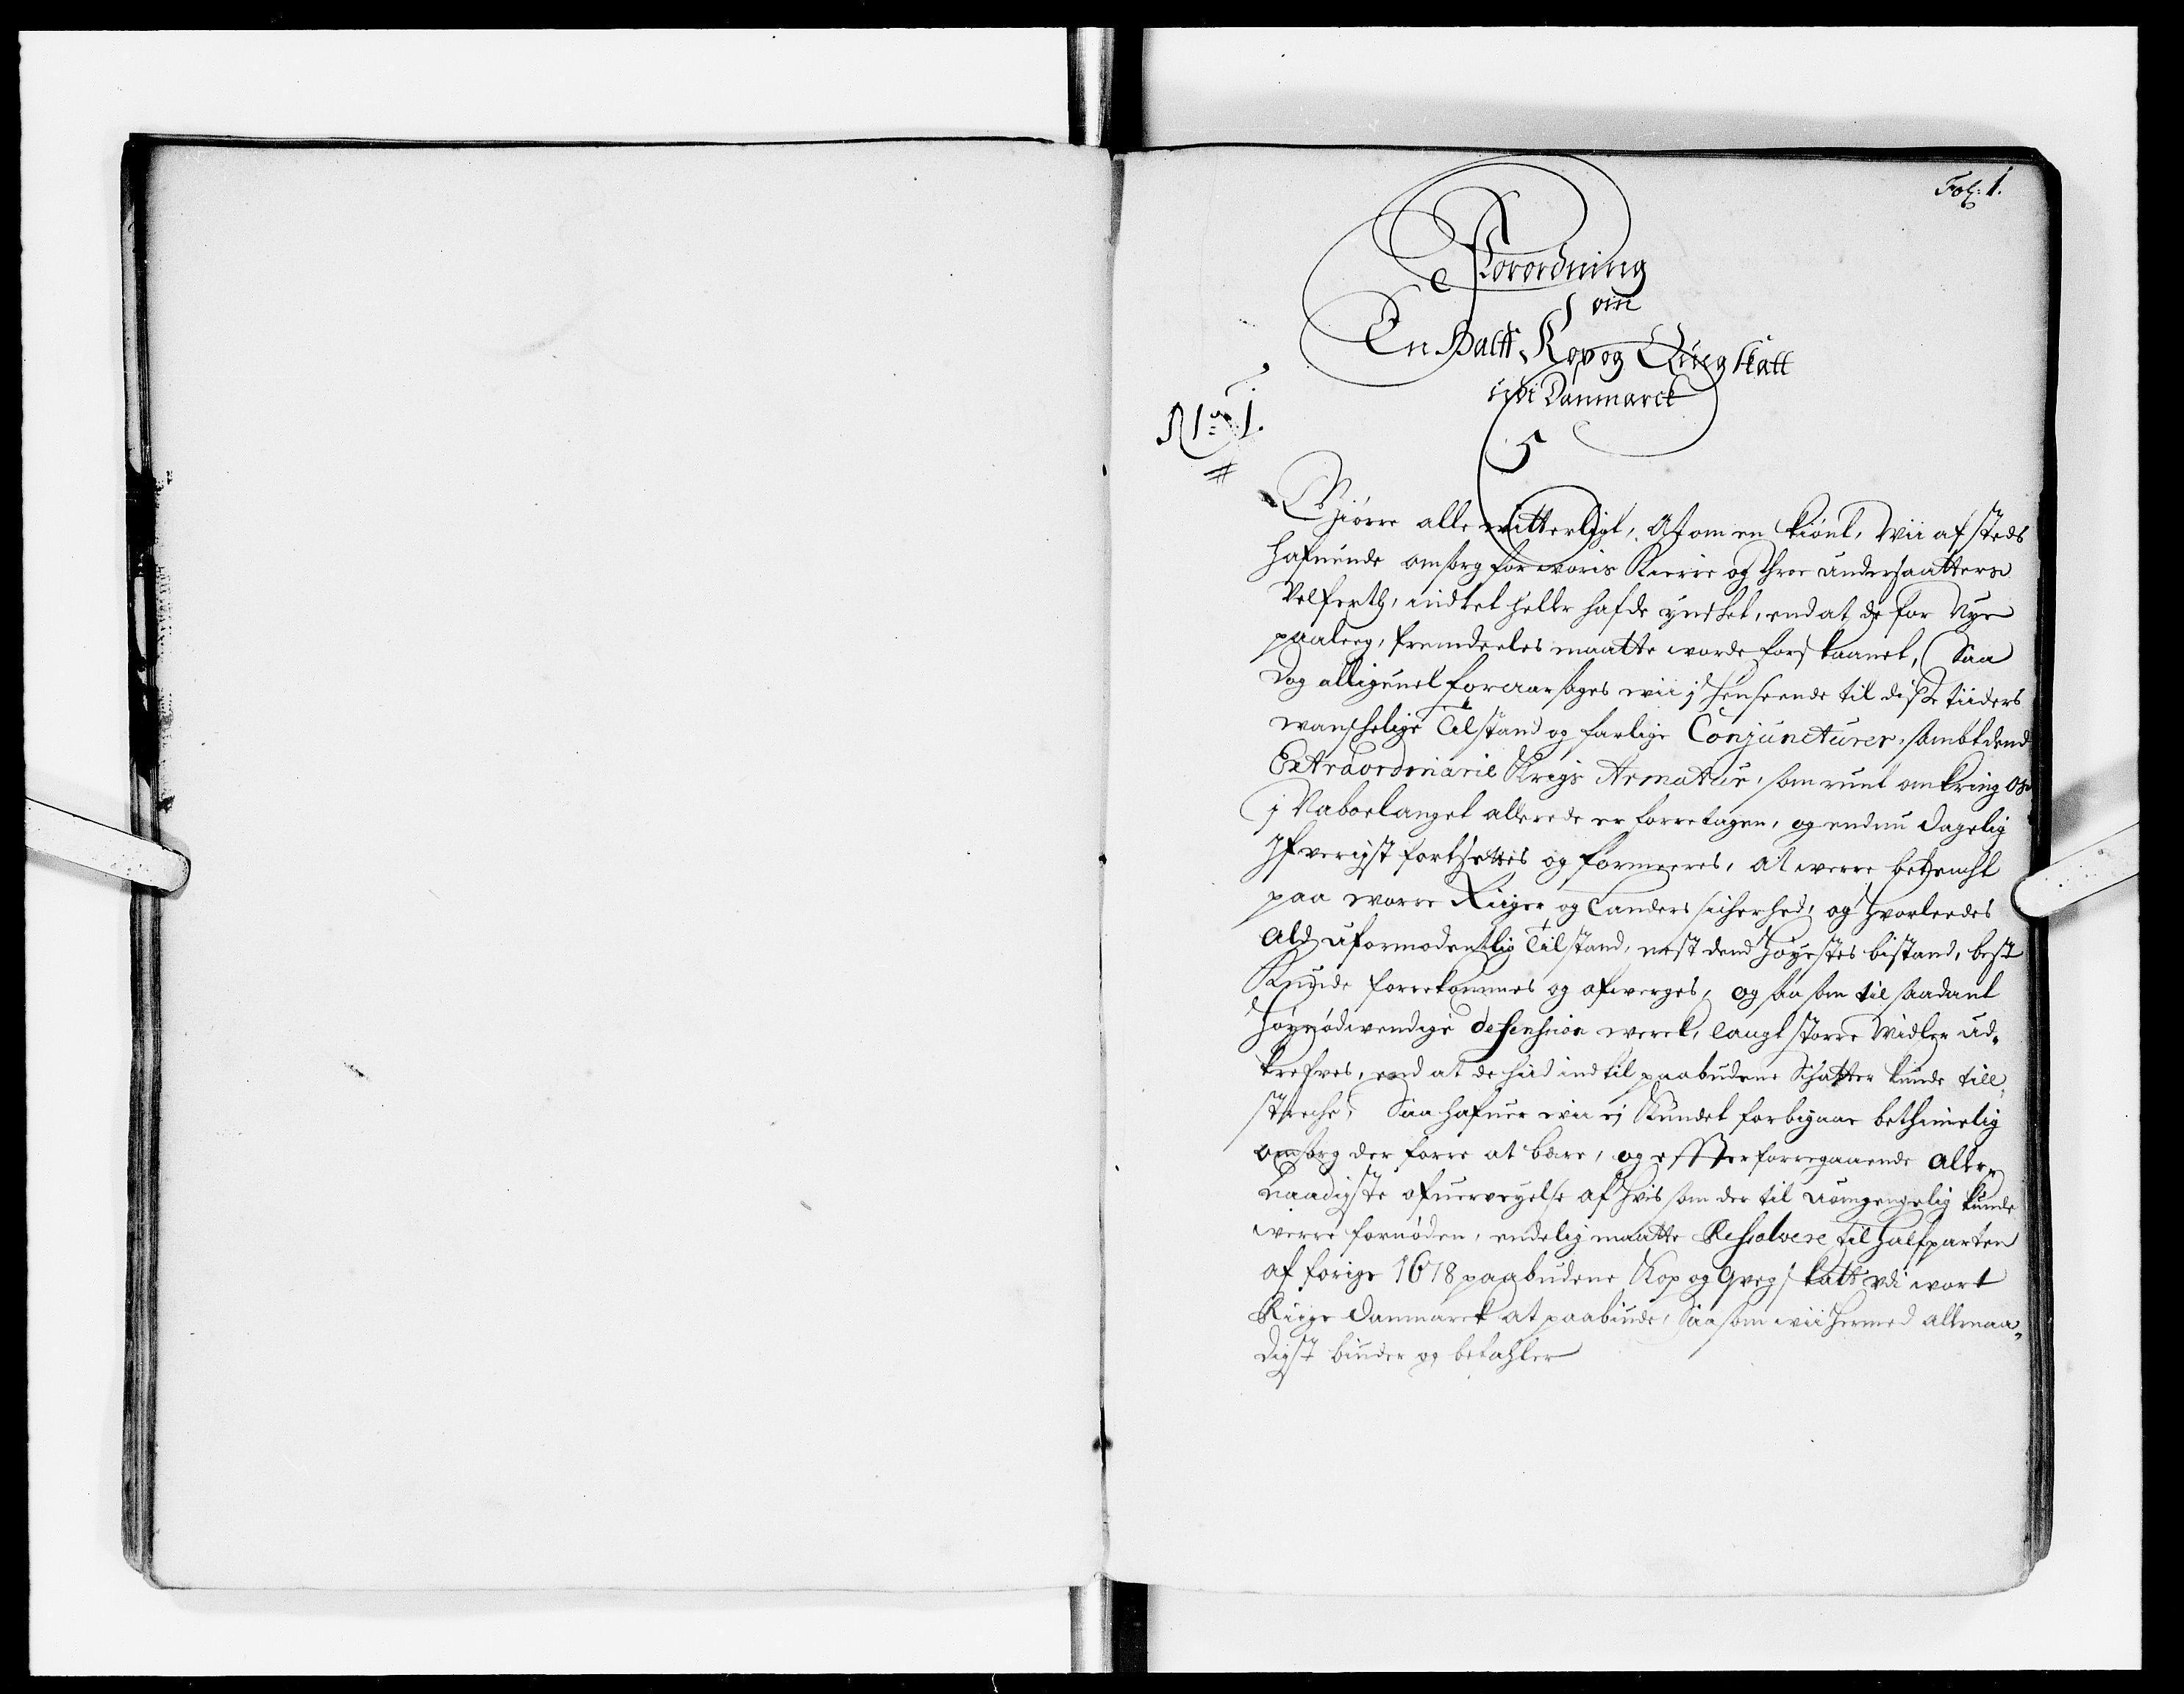 DRA, Rentekammeret Skatkammeret, Danske Sekretariat (1660-1679) / Rentekammeret Danske Afdeling, Kammerkancelliet (1679-1771), -/2212-05: Ekspeditionsprotokol, 1682-1685, p. 1